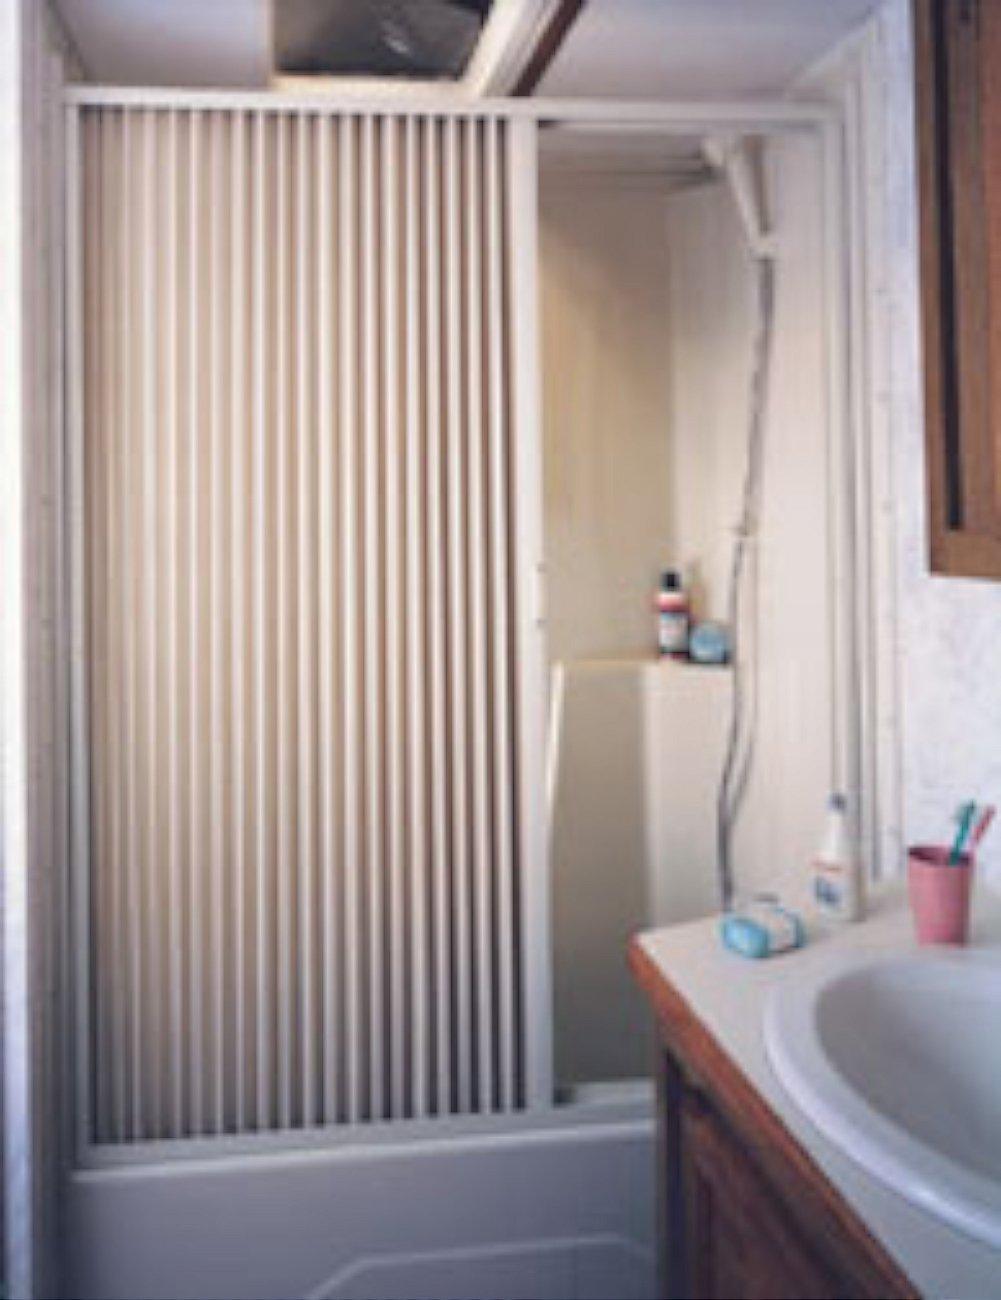 Concertina Shower Curtain Folding Plastic Shower Curtain Curtain Menzilperde Net Fold Away